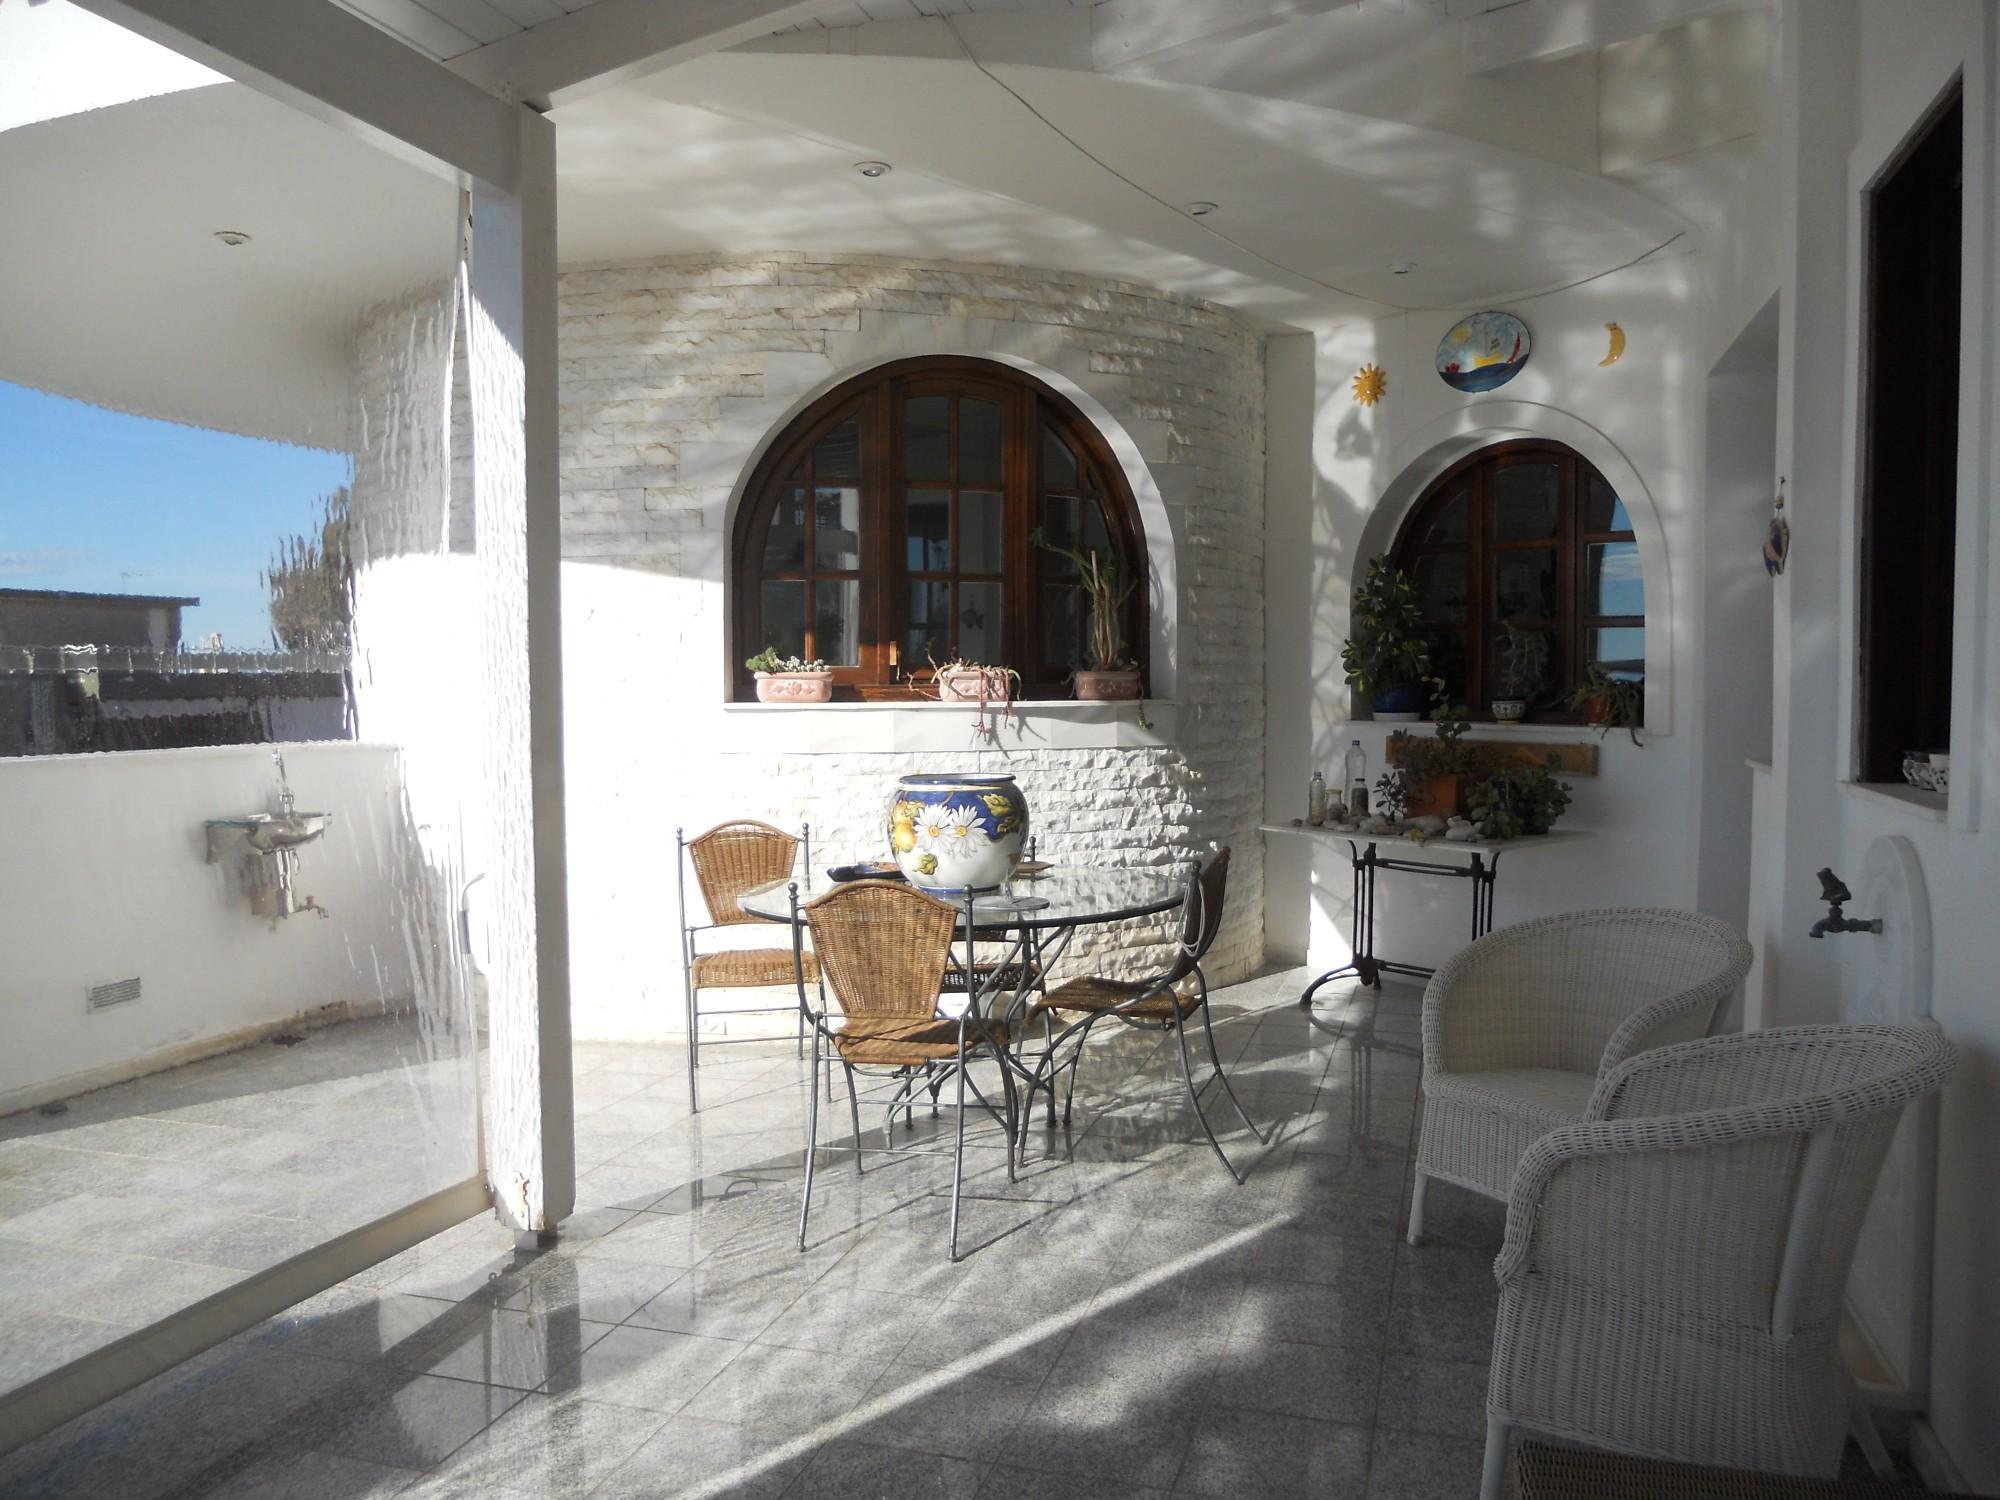 Grèce, superbe maison dans la ville côtière de Glyfada, au sud d'Athènes